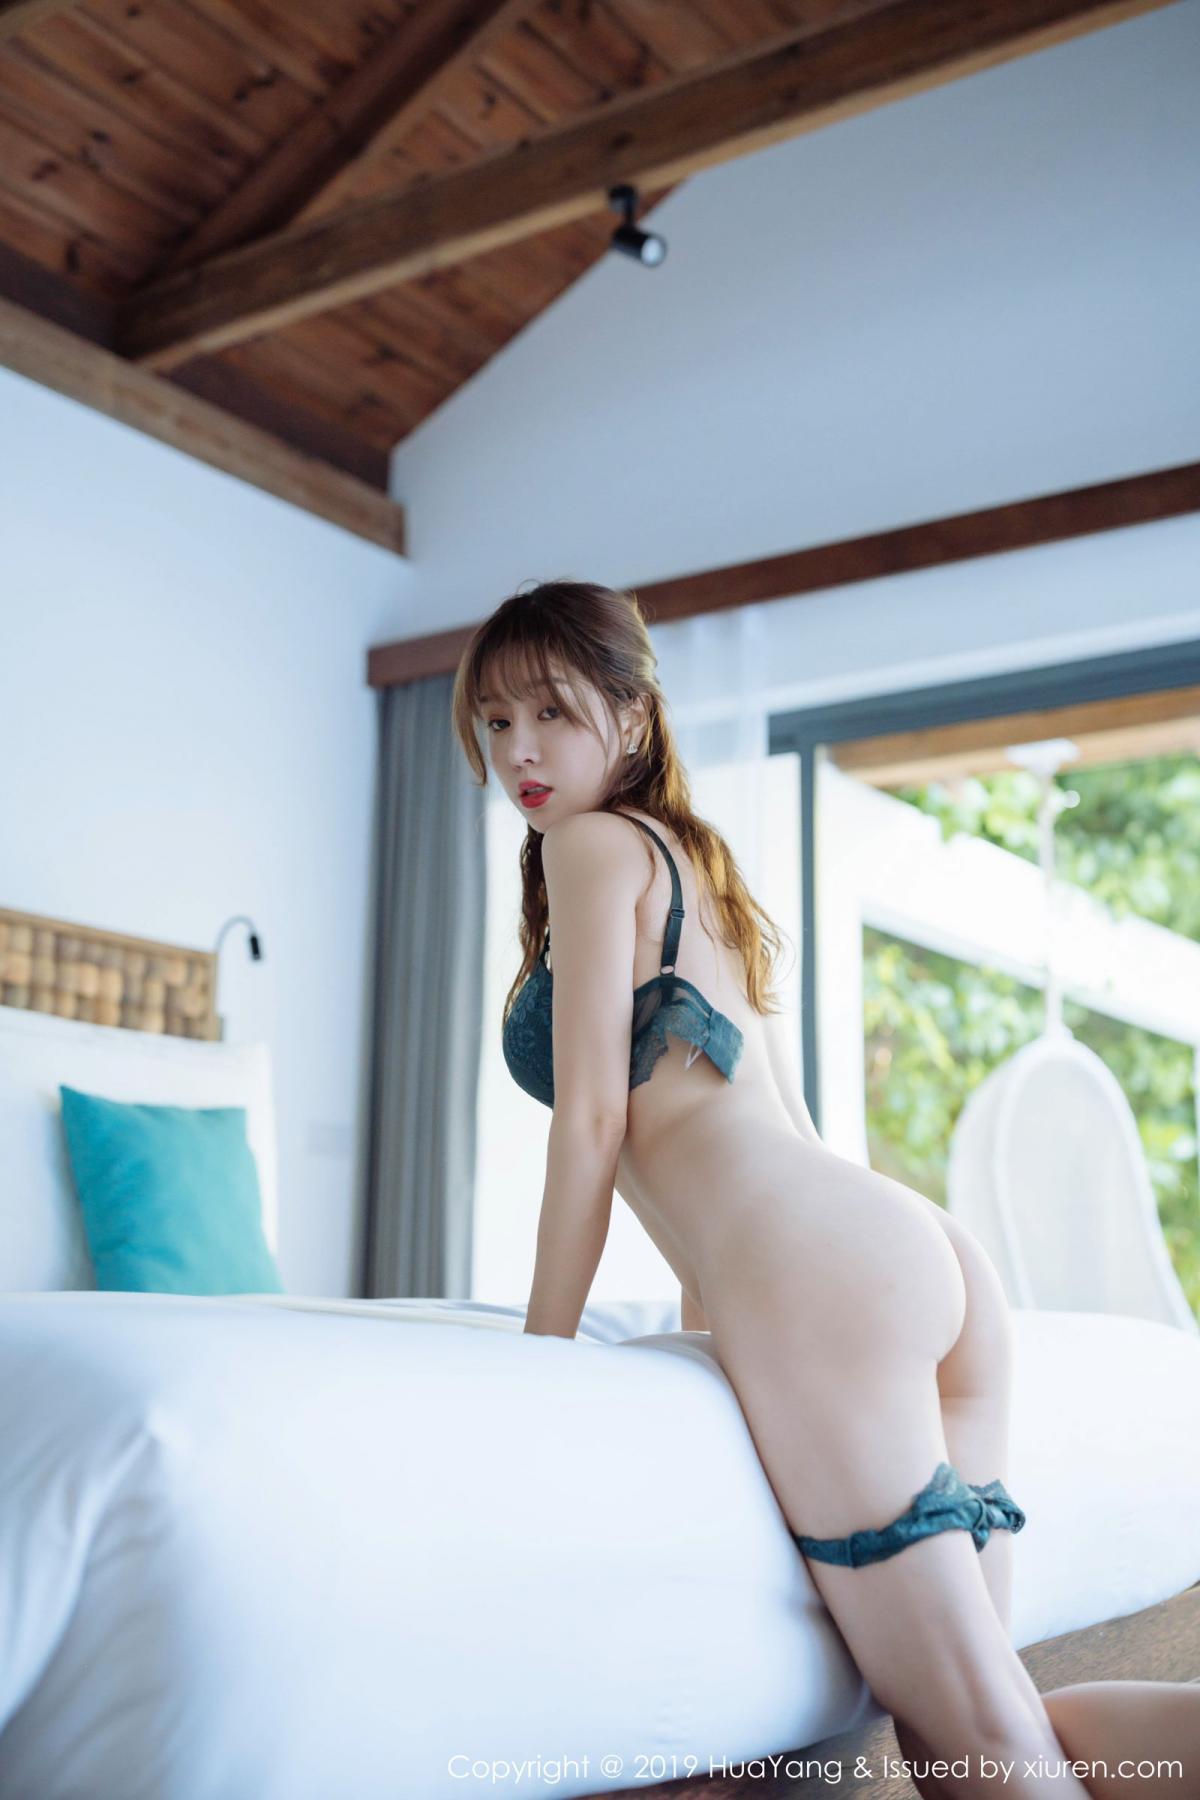 [Huayang] Vol.192 Wang Yu Chun 46P, HuaYang, Underwear, Uniform, Wang Yu Chun